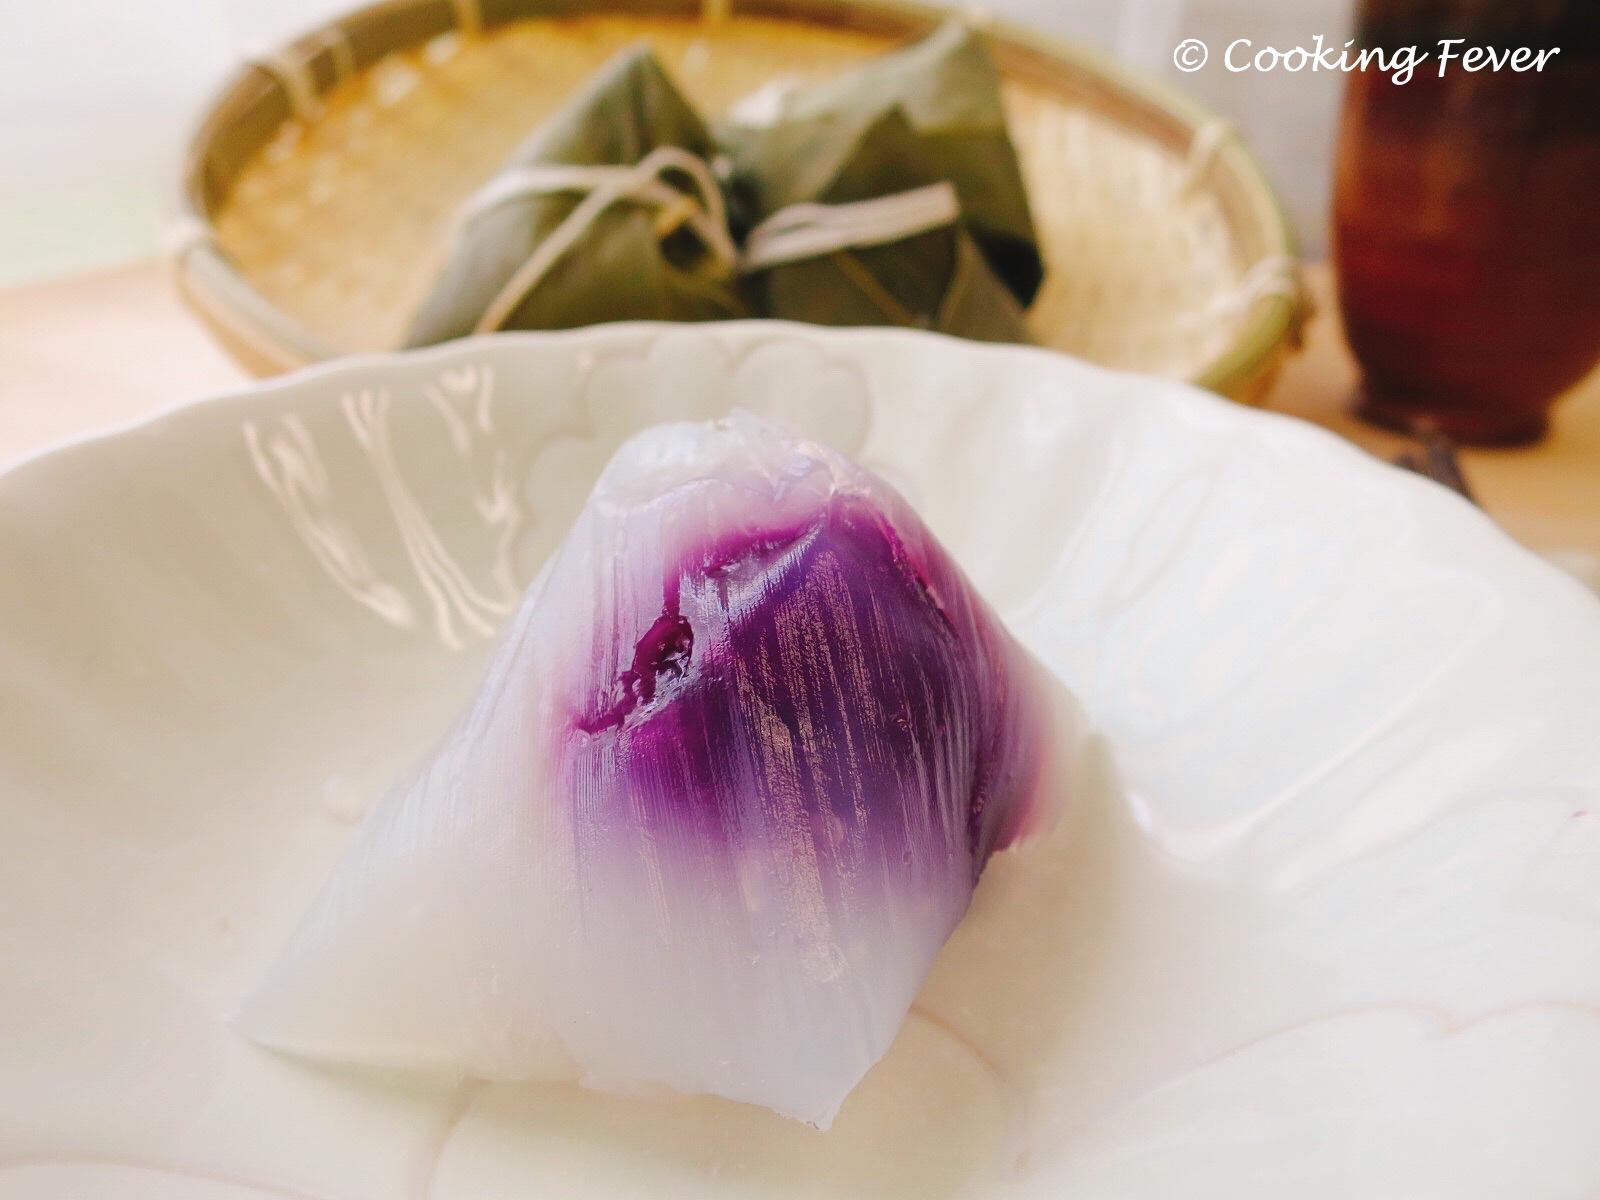 Sweet Purple Potato Ice Dumpling